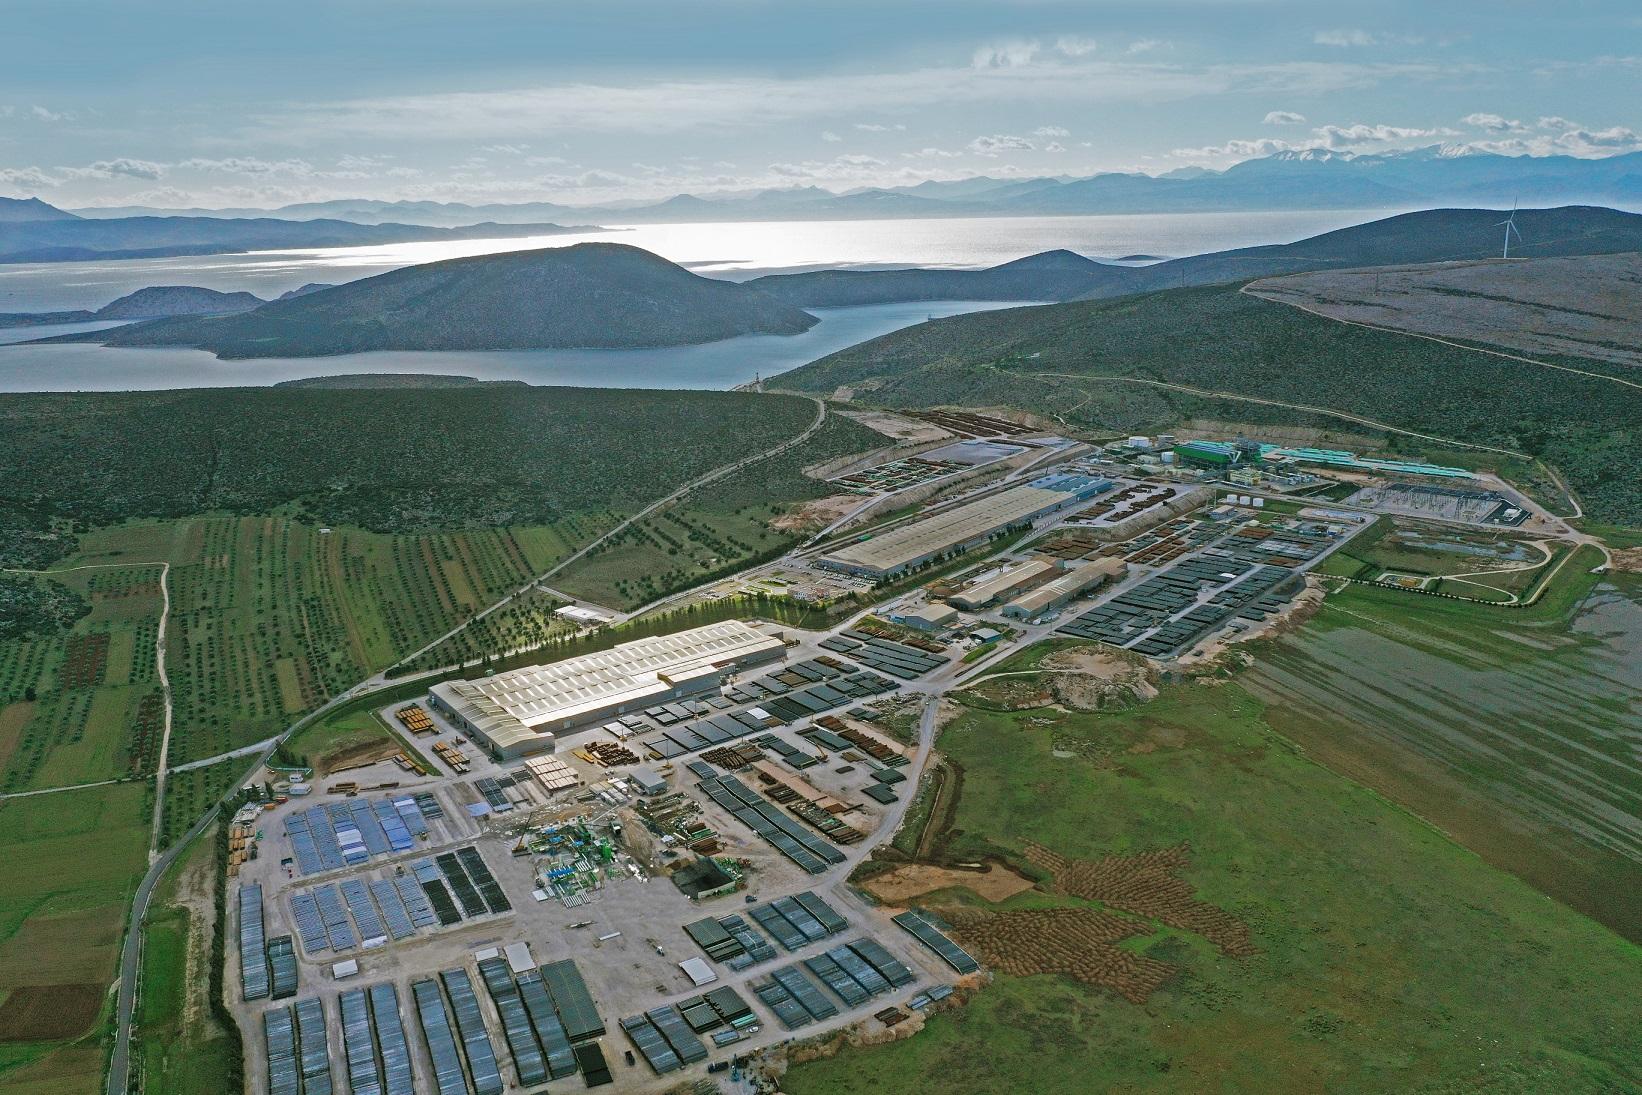 Η Shell αναθέτει το έργο Colibri στη Σωληνουργεία Κορίνθου με σωλήνες χάλυβα πολύ μεγάλου μήκους